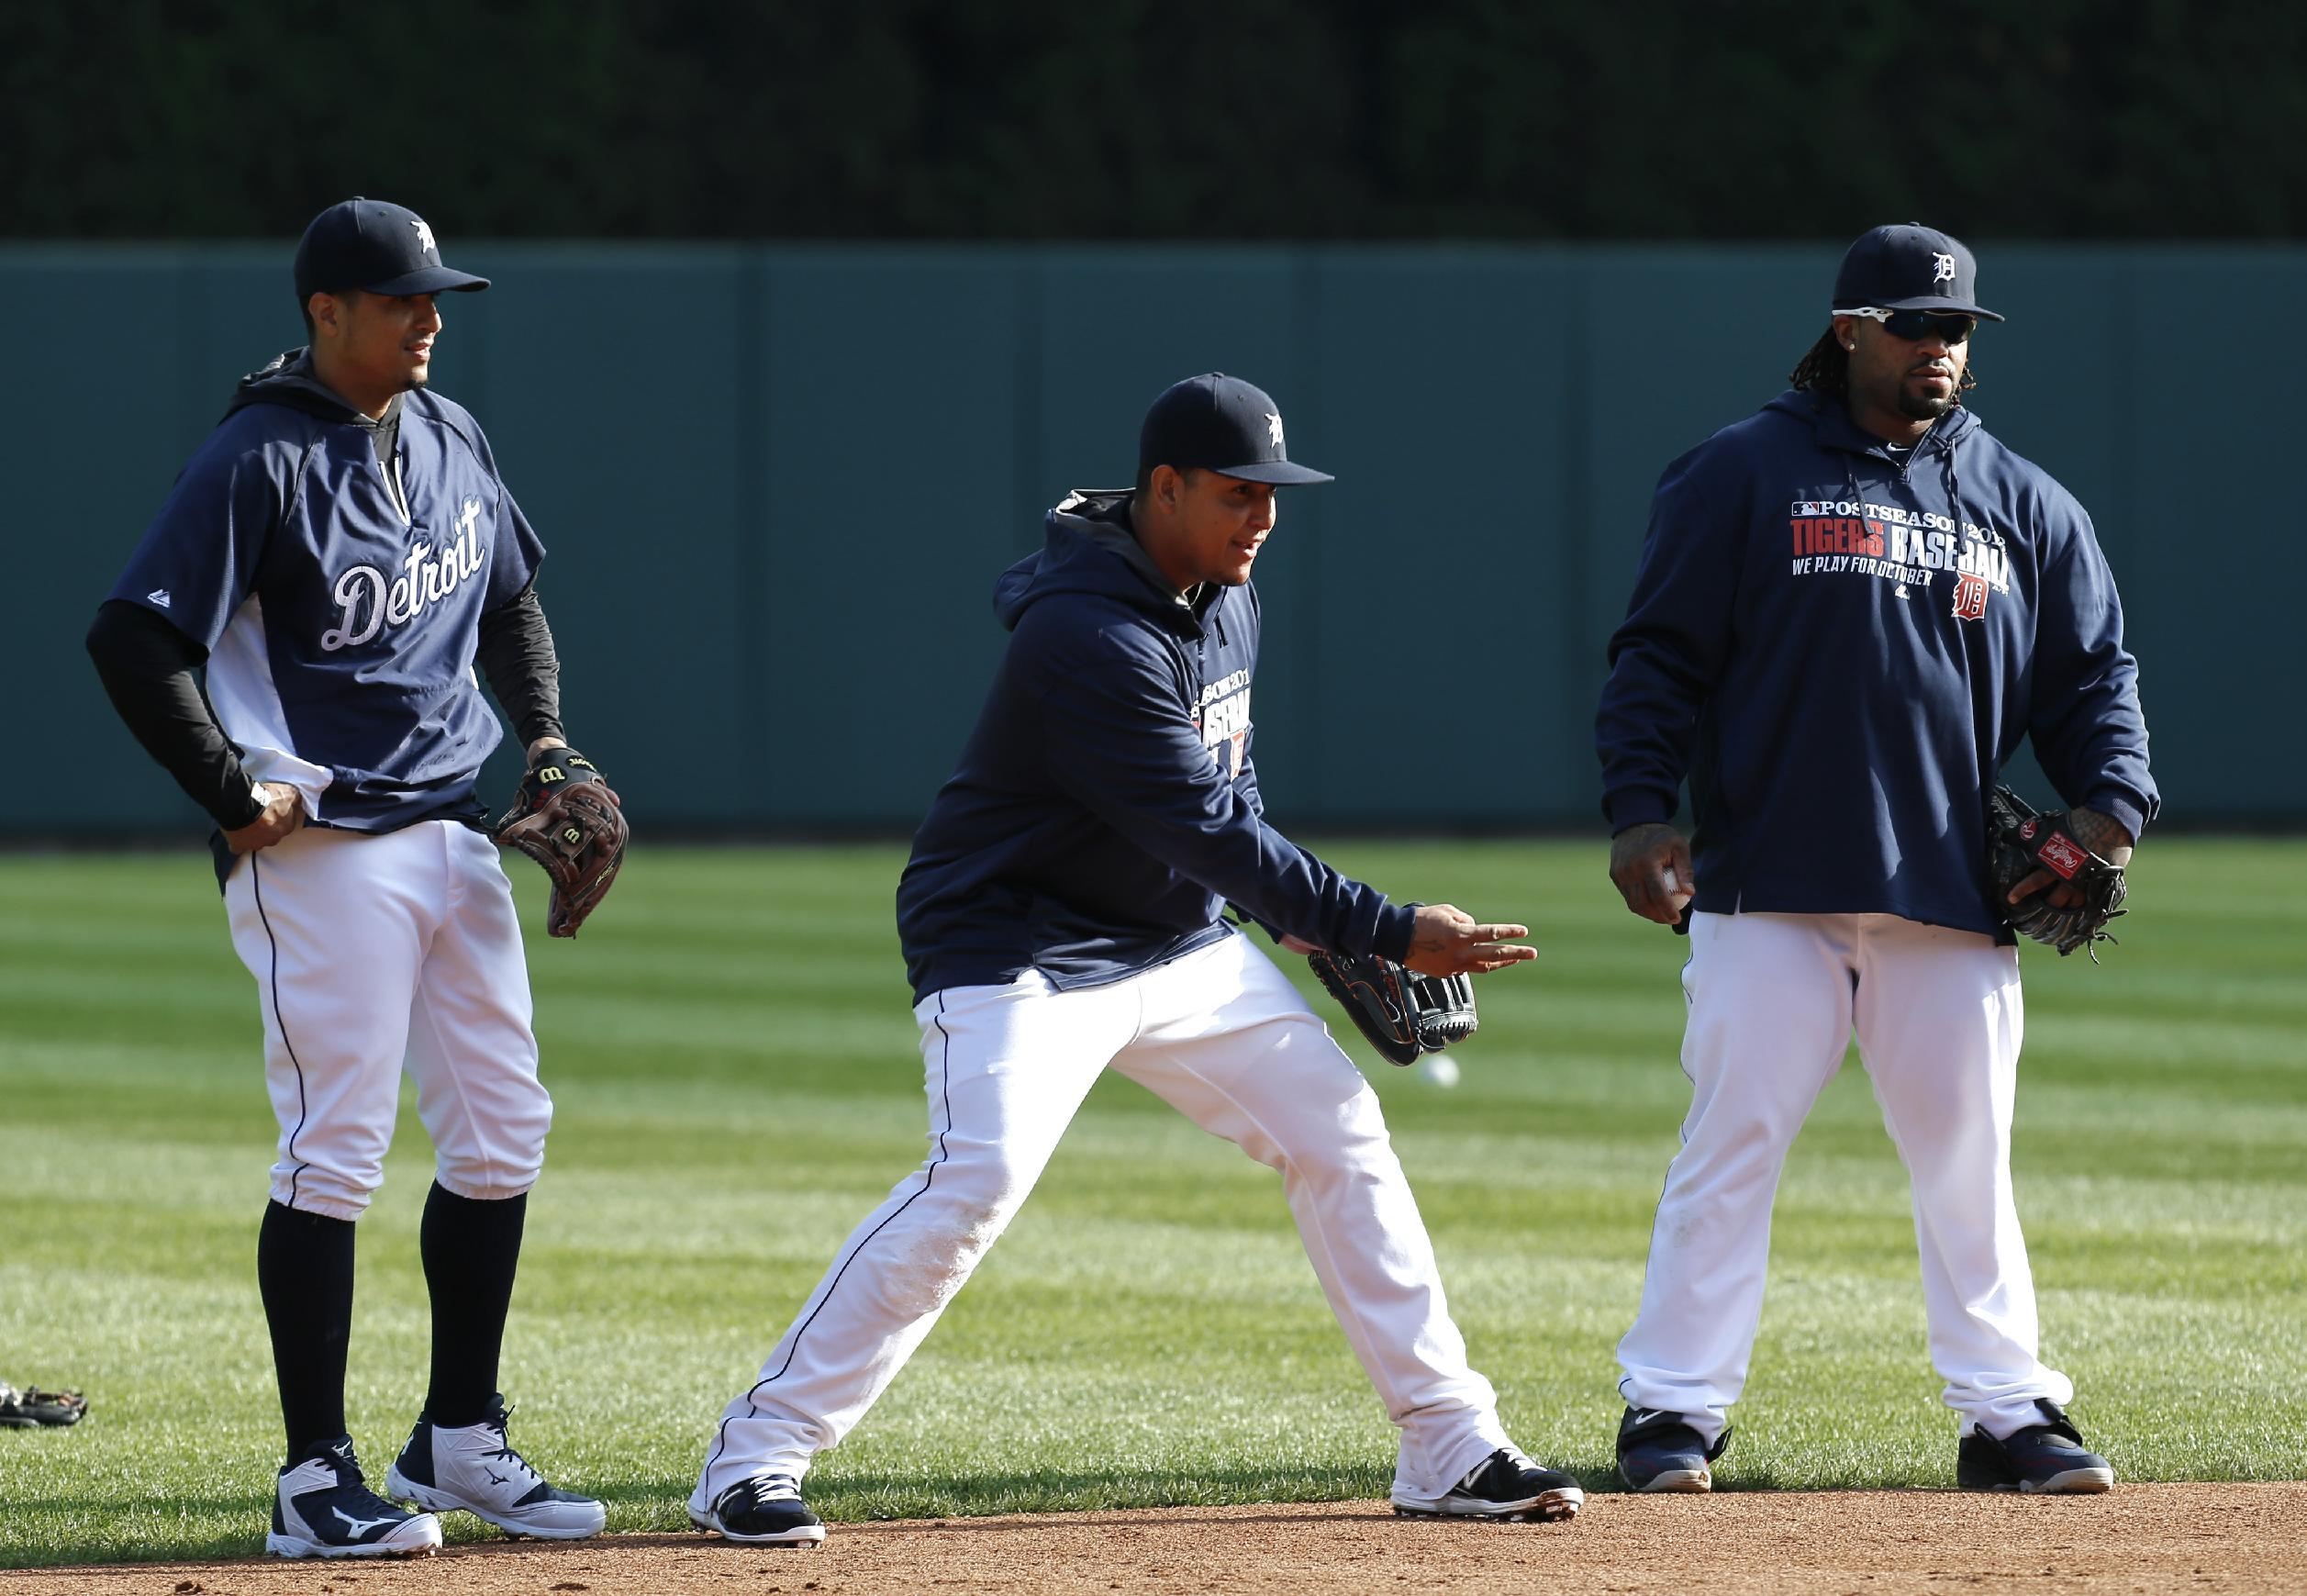 Cabrera's health a concern for Tigers